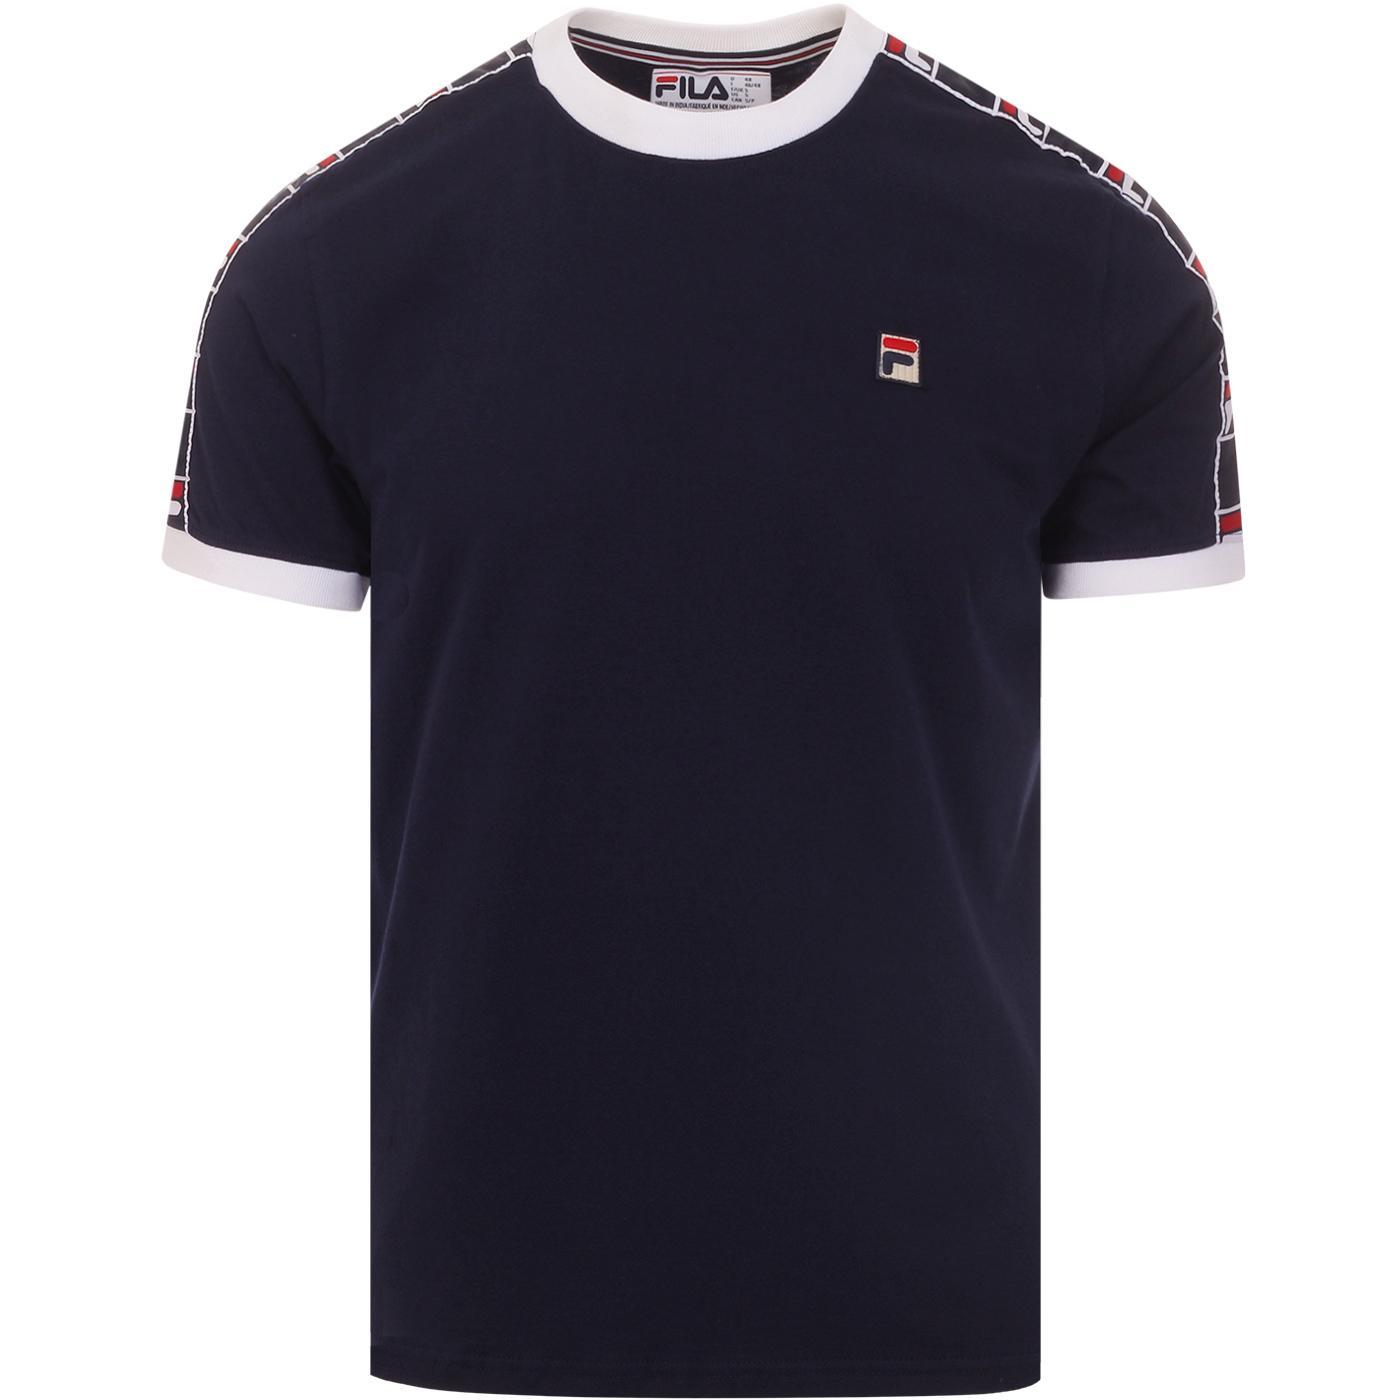 Luca FILA VINTAGE Taped Sleeve Ringer T-shirt NAVY